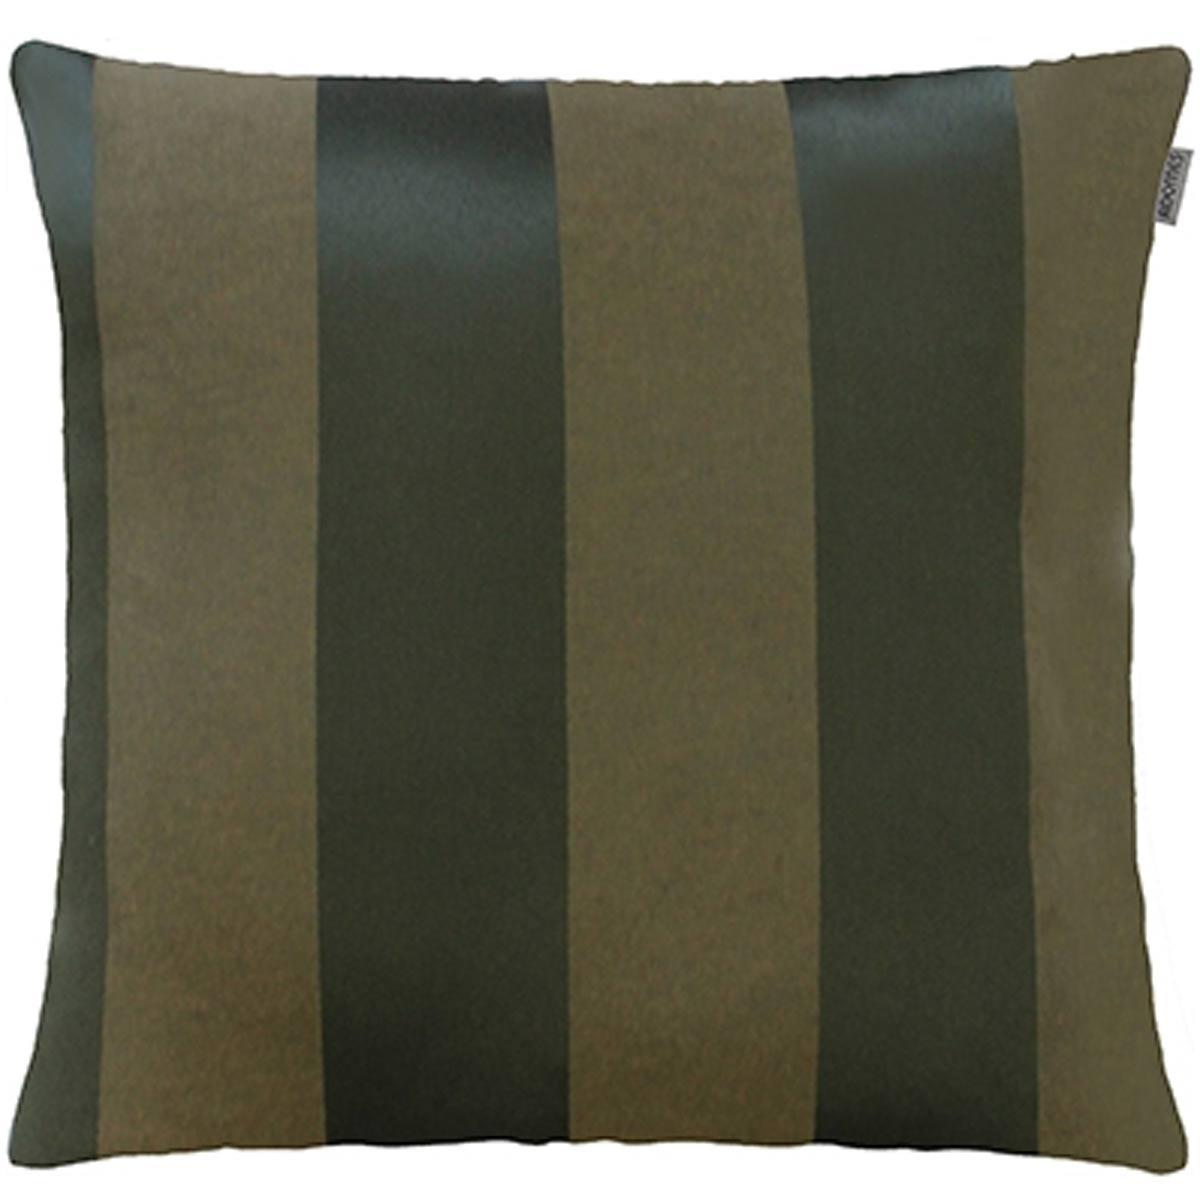 Capa P/ Almofada Jacquard Listras 45cm X 45cm Verde Musgo Adomes